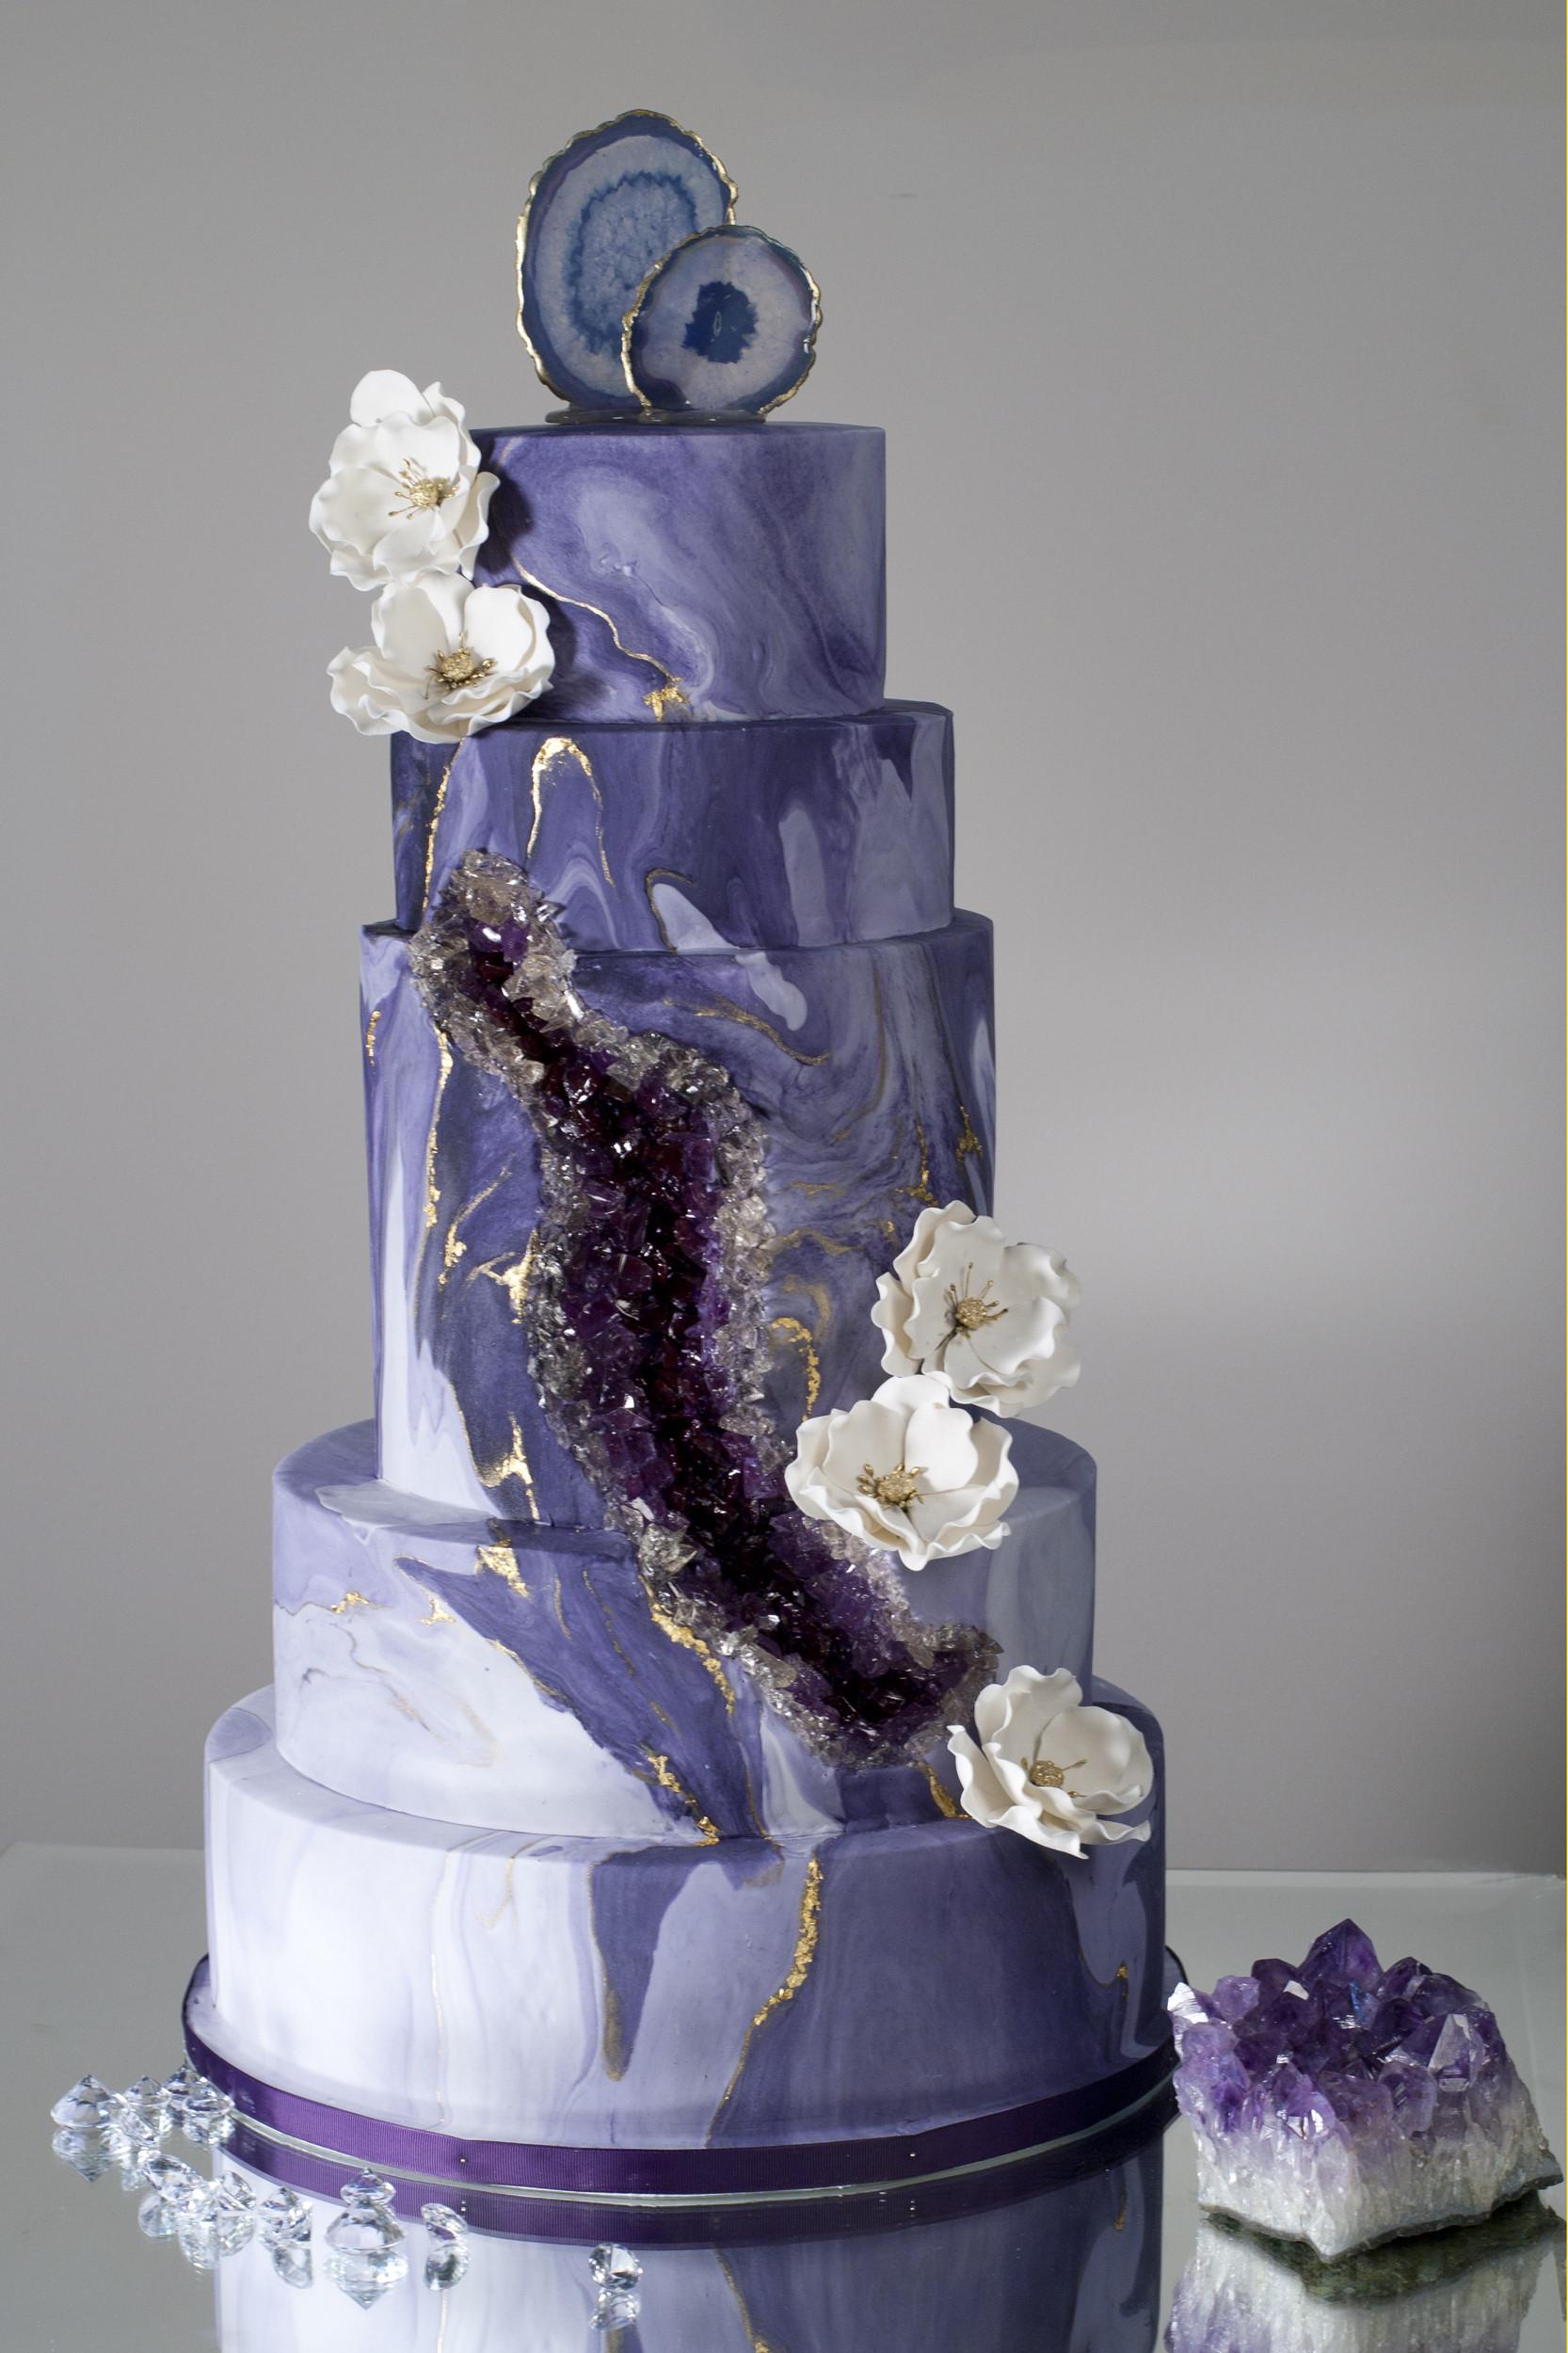 Custom Wedding Cakes  Custom Wedding Cakes For The Love Cake Shop In